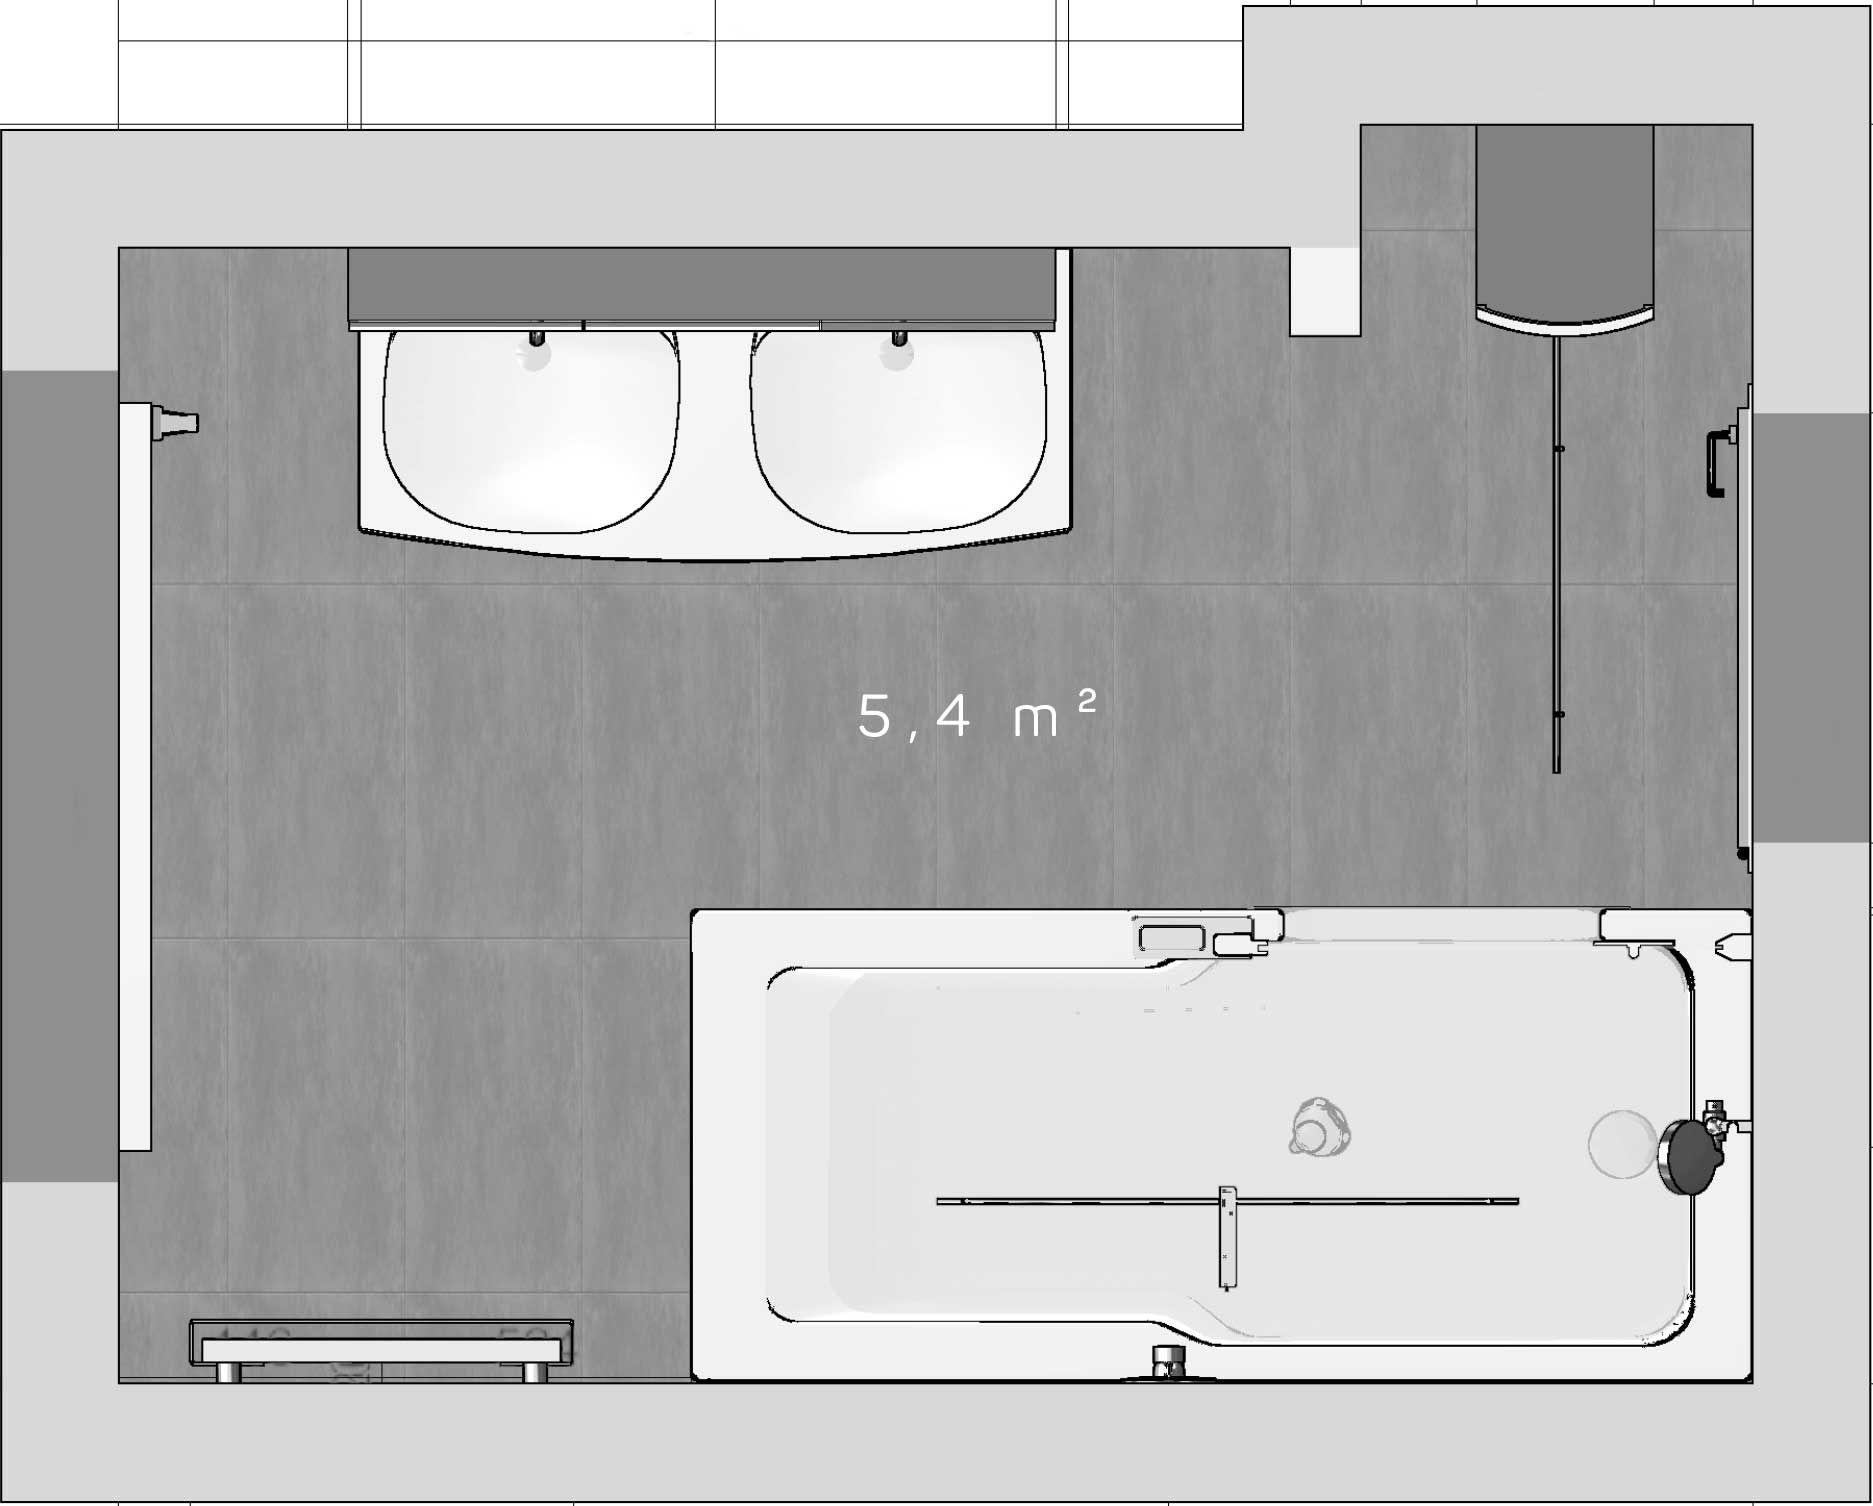 Der Grundriss des neuen TWINLINE 2 Wannenbads auf 5,4 m². Im ...